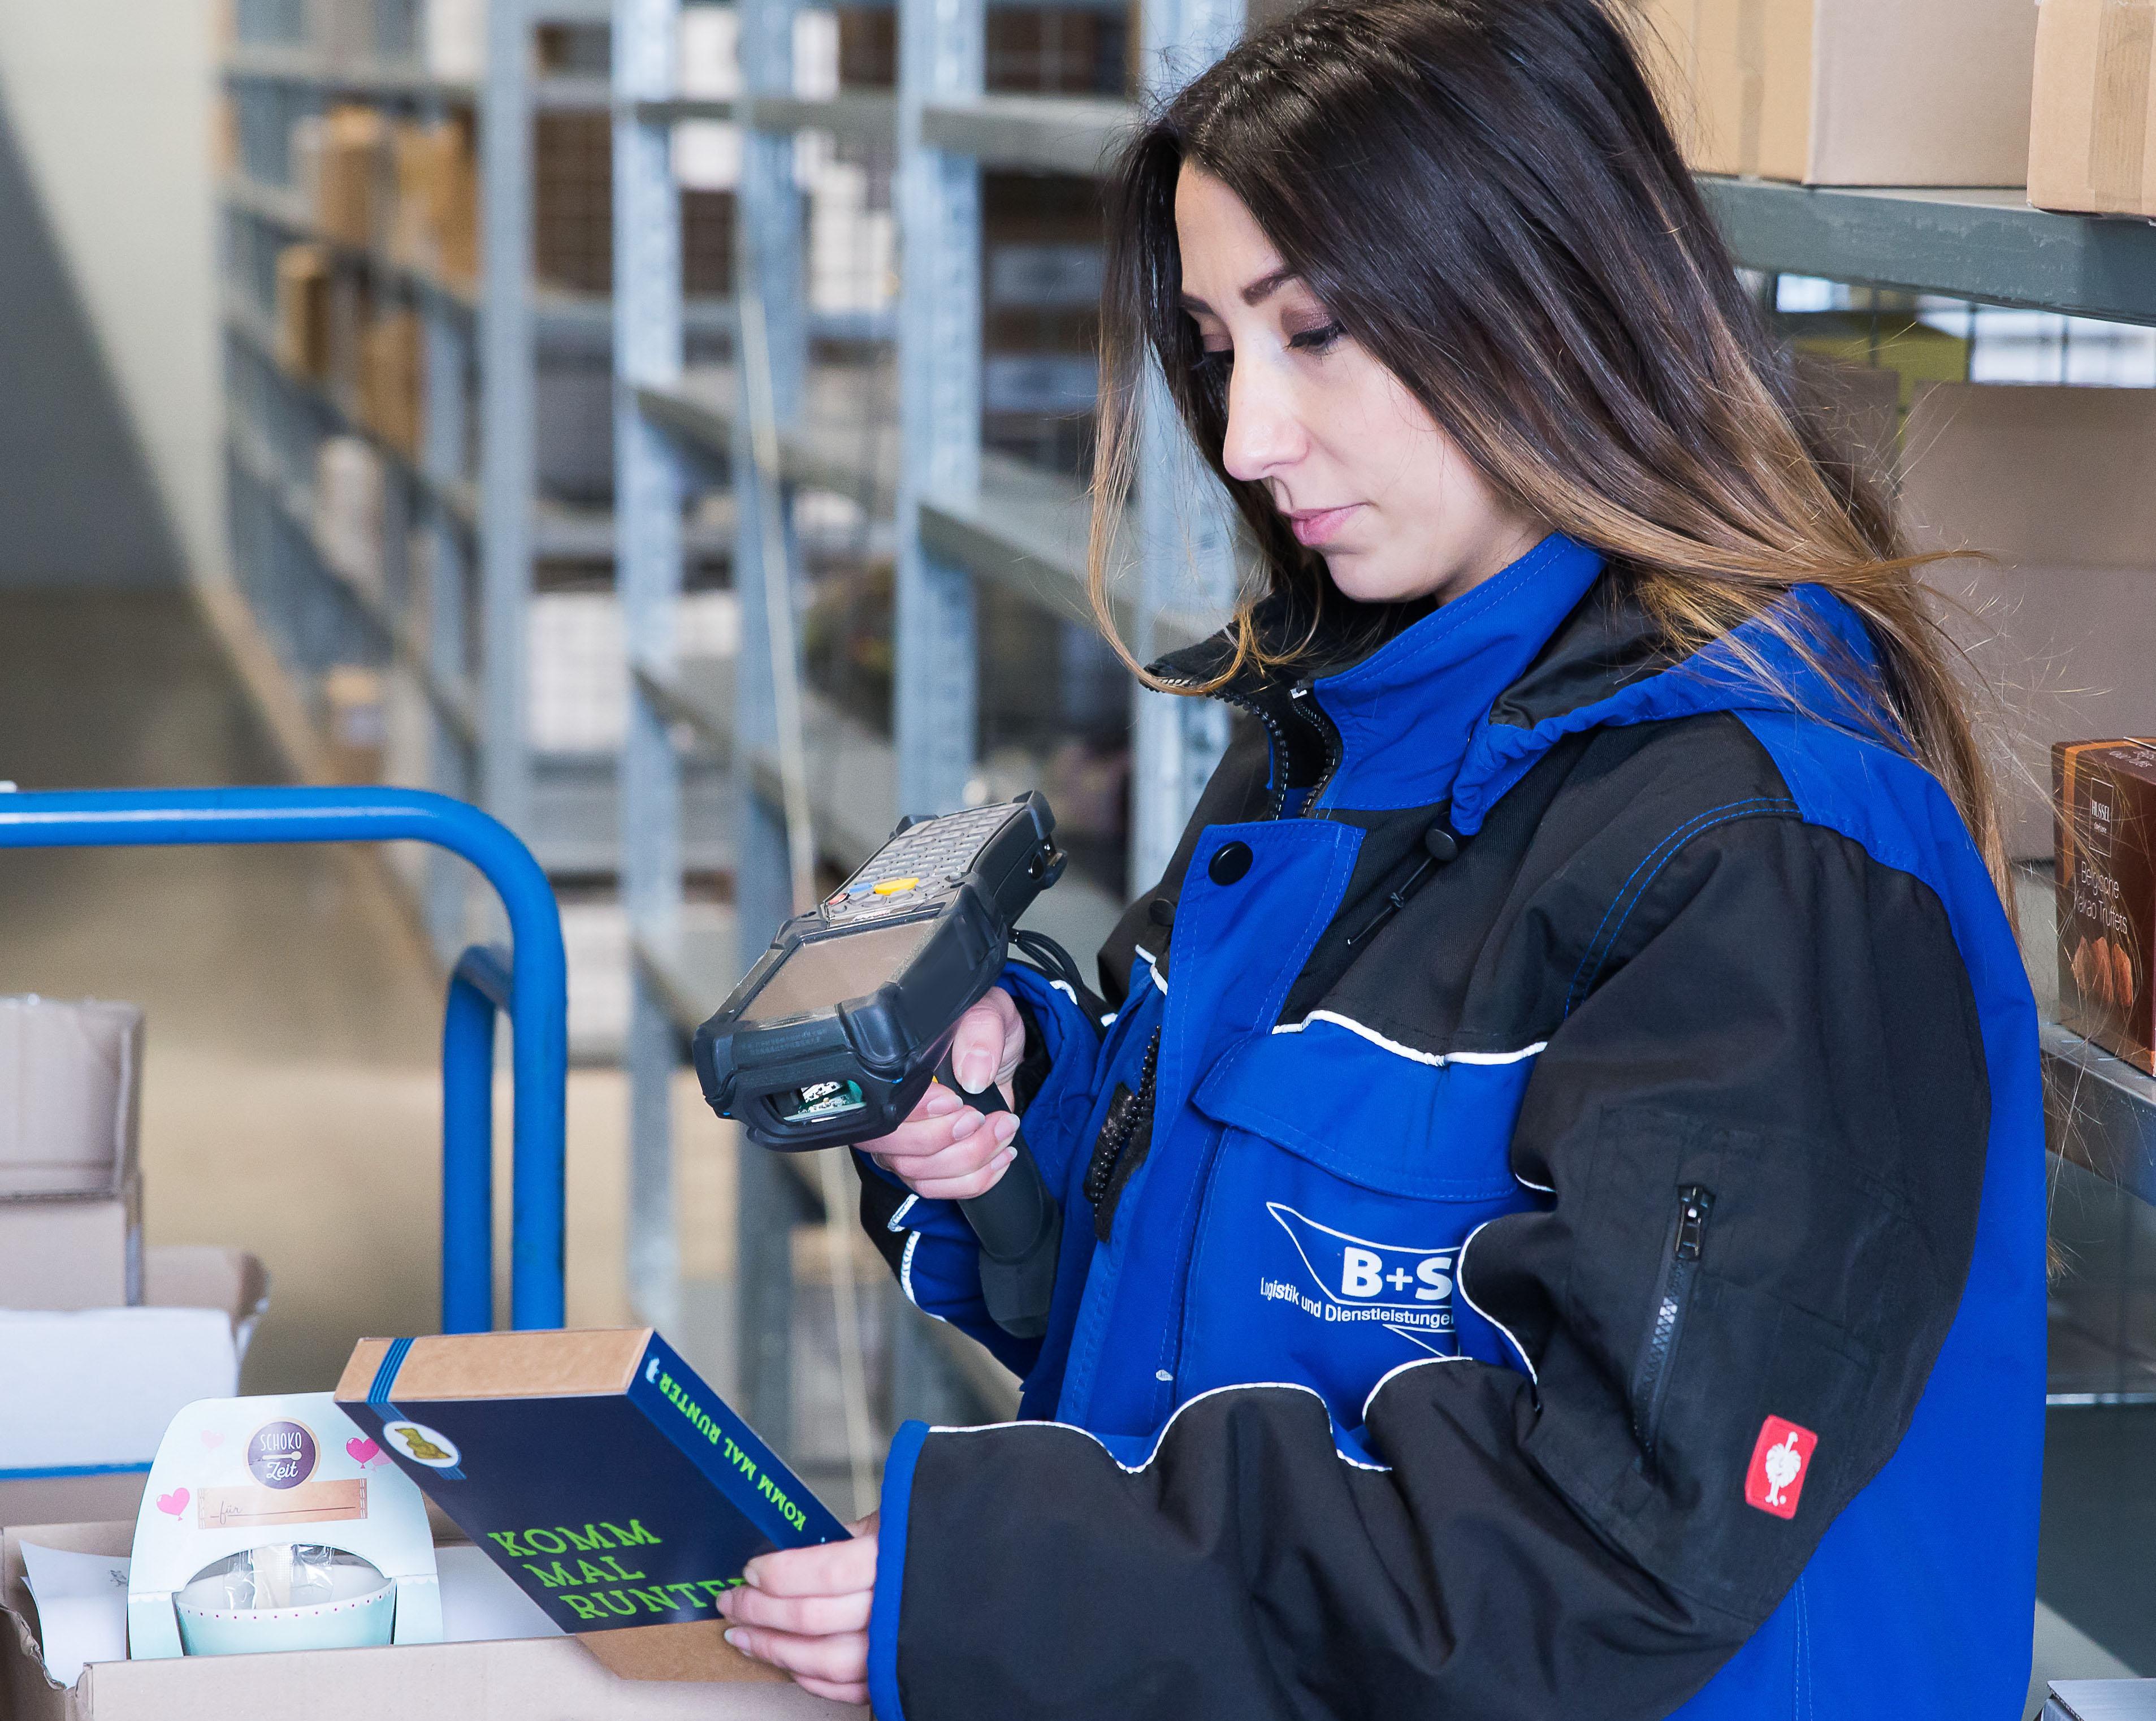 Beim ersten E-Commerce-BBQ von B+S und qualitytraffic am 1. September in Bielefeld werden alle wichtigen Facetten des Onlinehandels thematisiert.